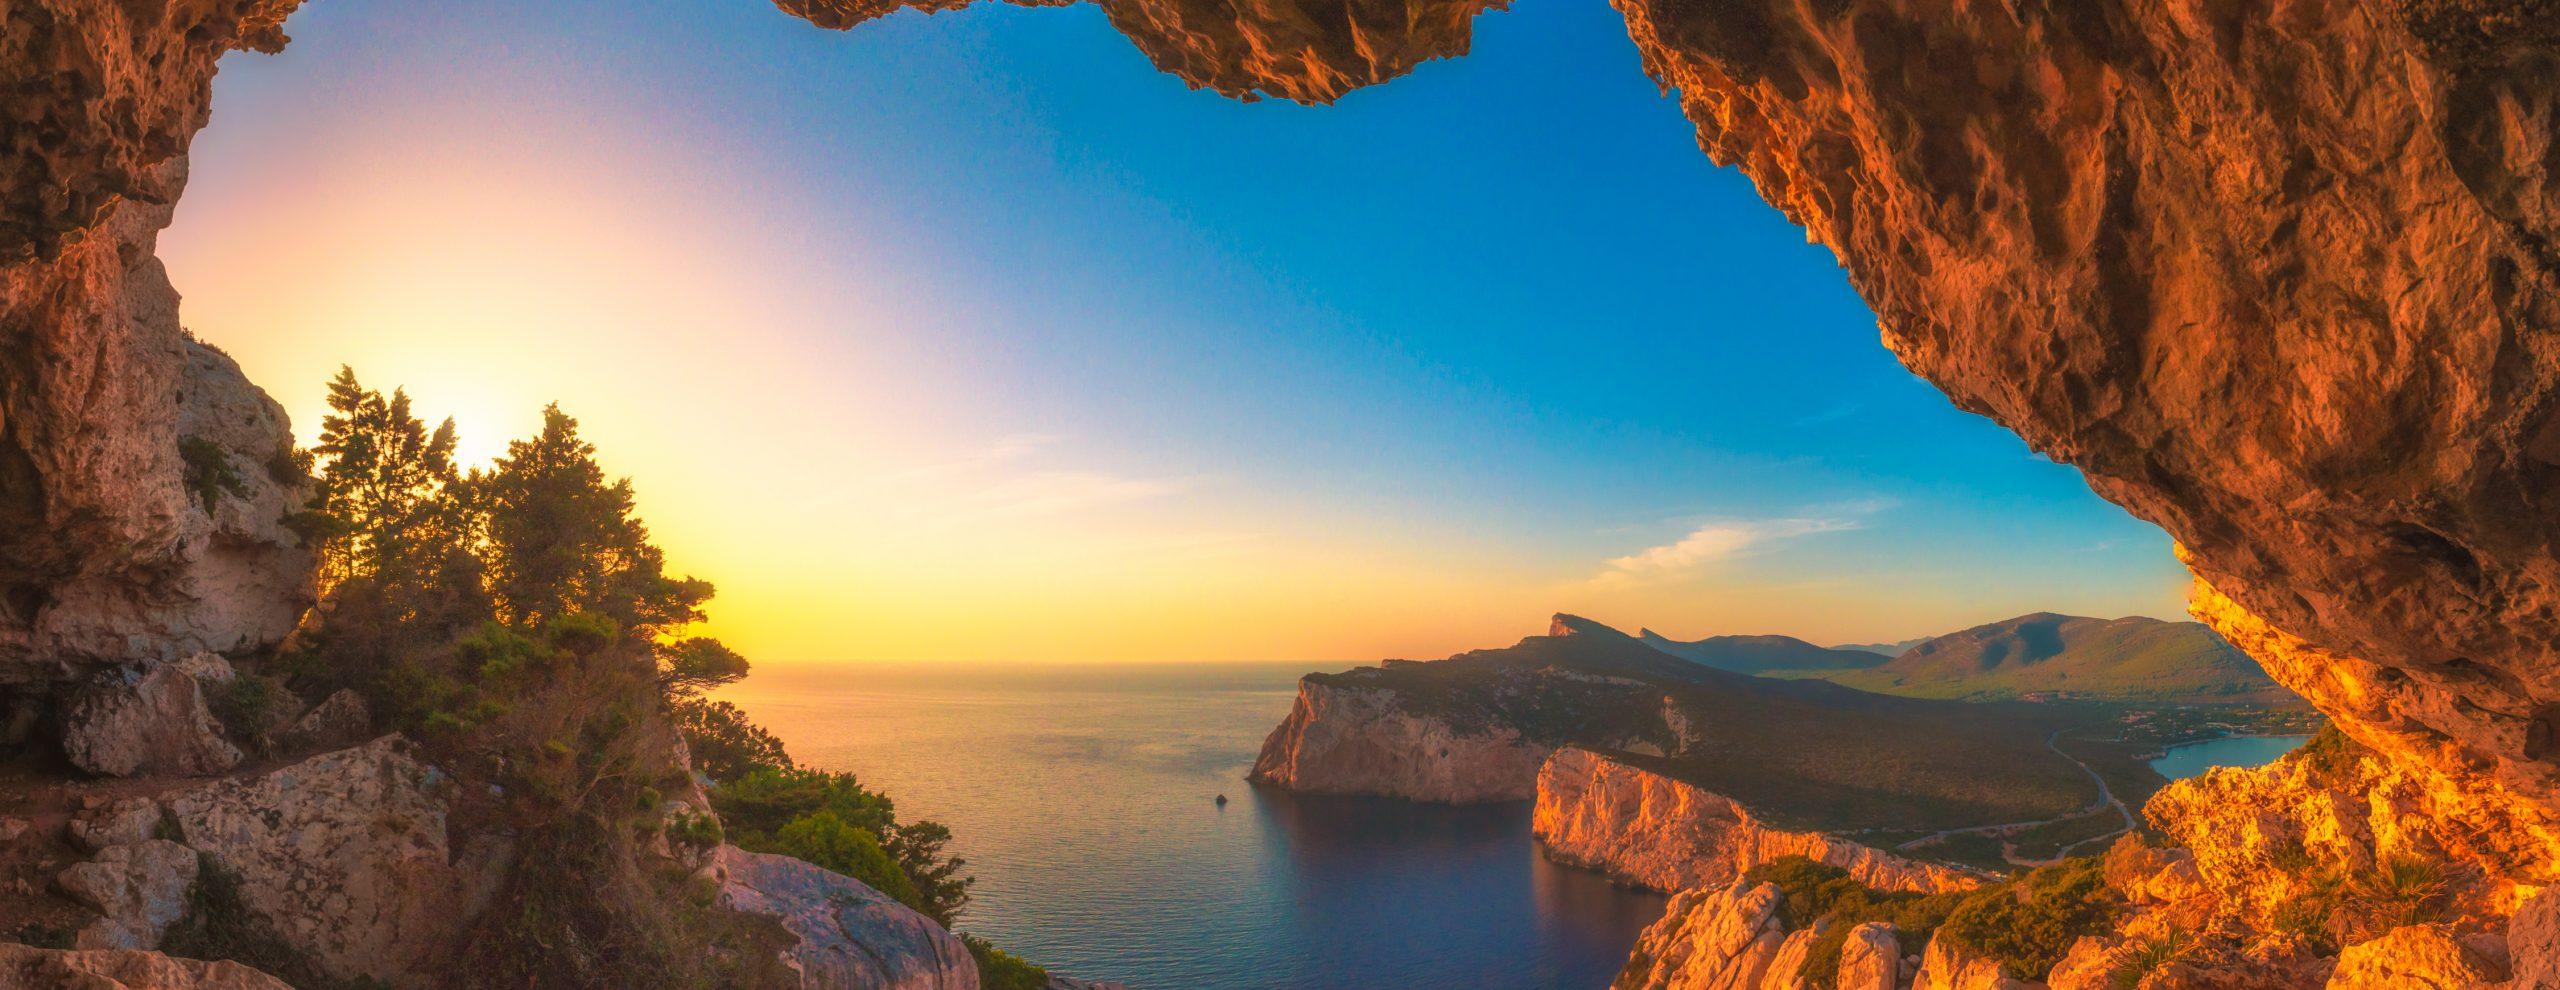 Wakacje na Sardynii, dlaczego warto wybrać ten zakątek Europy